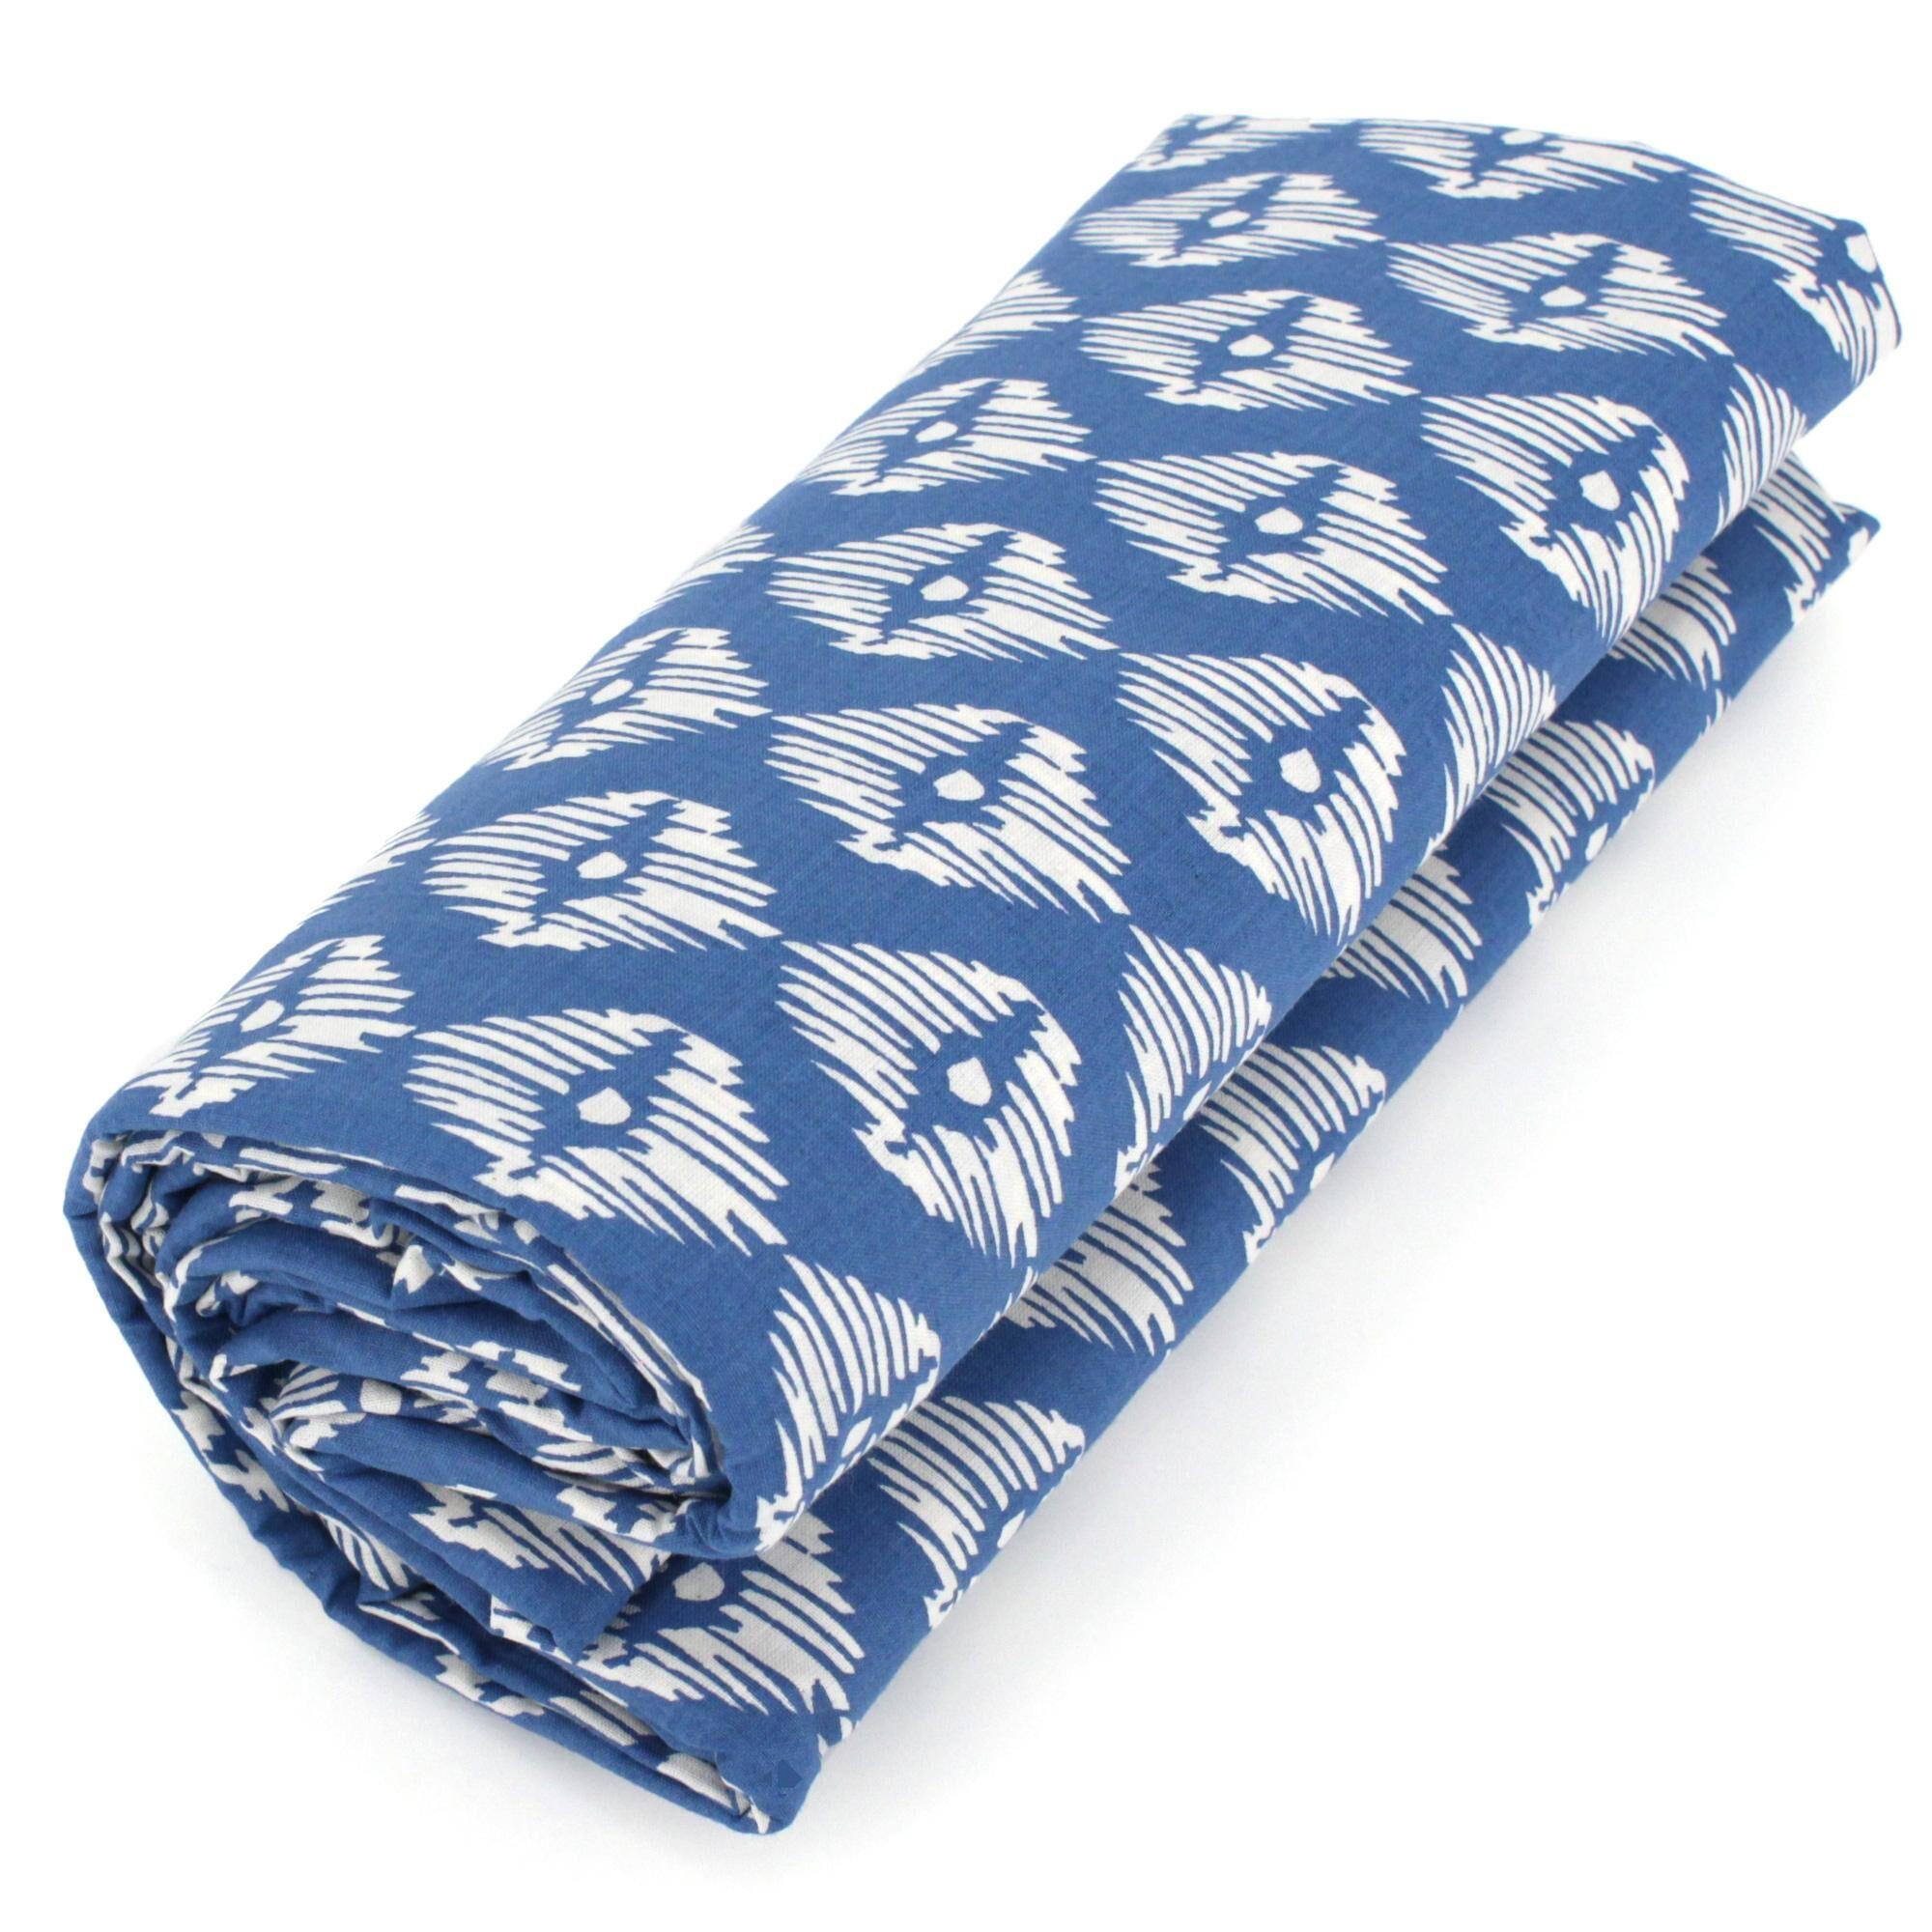 Linnea Drap housse imprimé 80x200 cm 100% coton RIO bleu jade Bonnet 40 cm